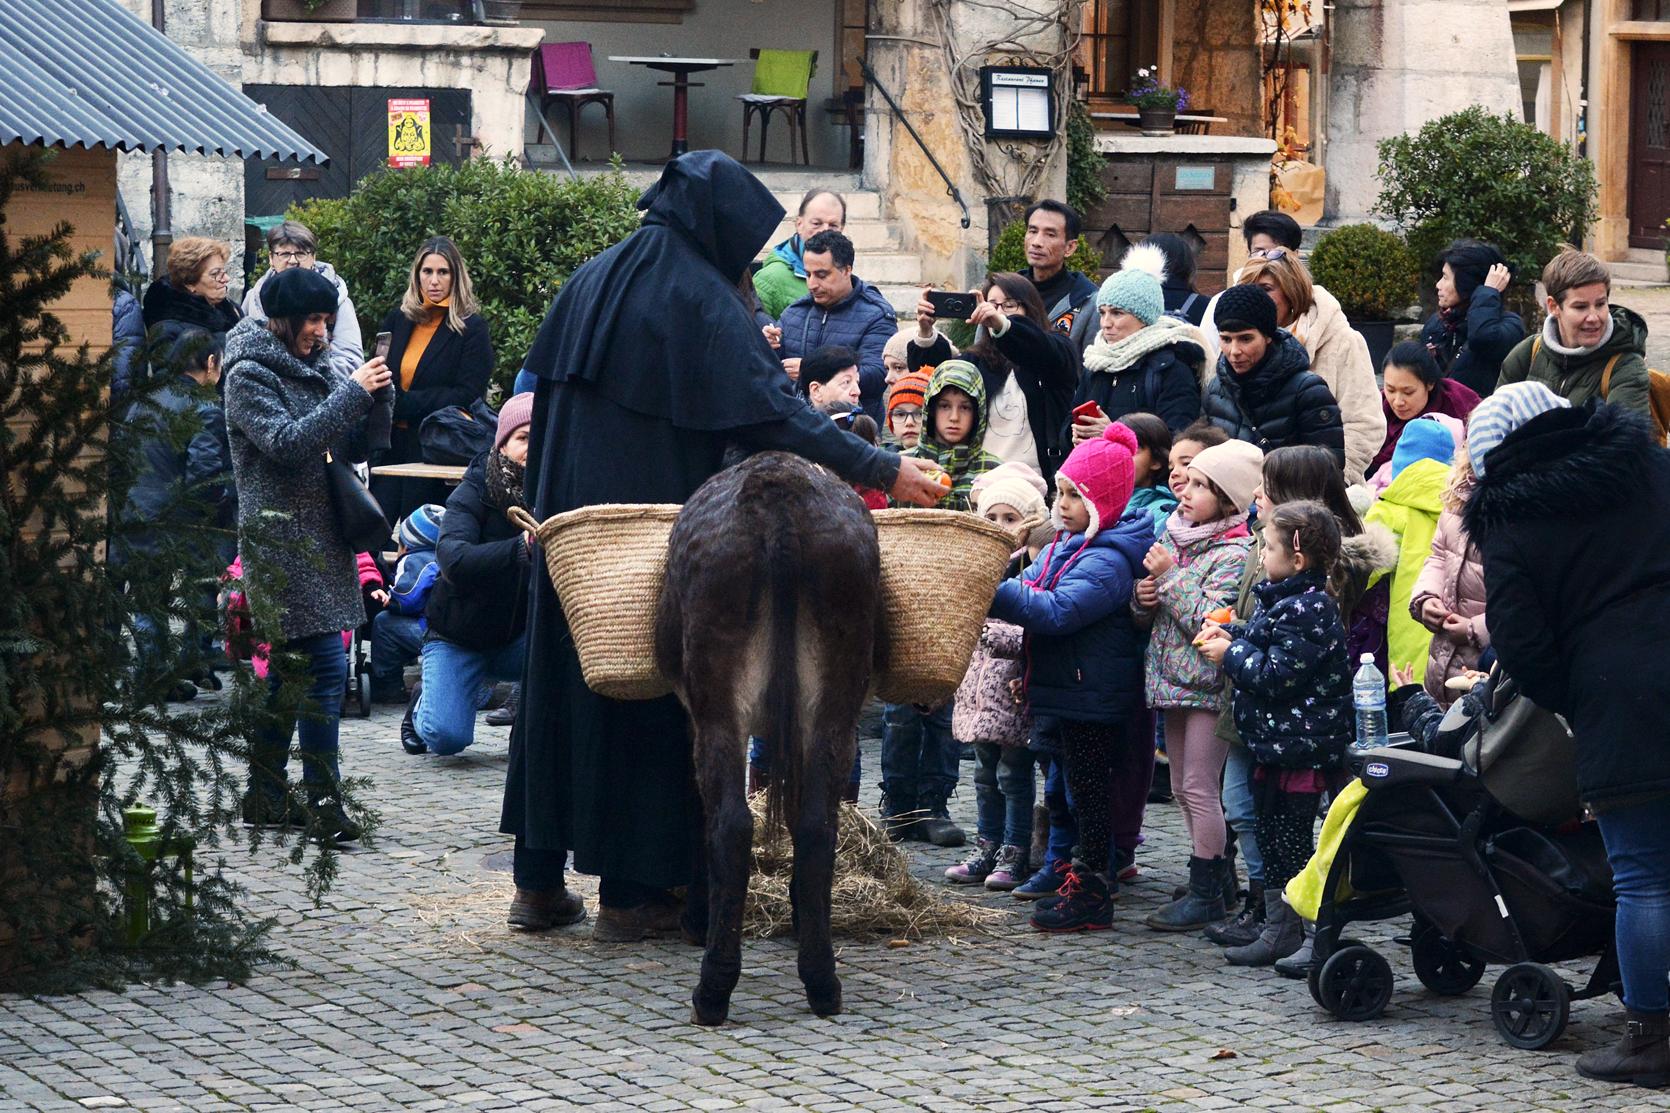 Schmutzli ist voll beschäftigt, weiss doch jedes Kind, der Esel trägt auf seinem Rücken manche Überraschung.